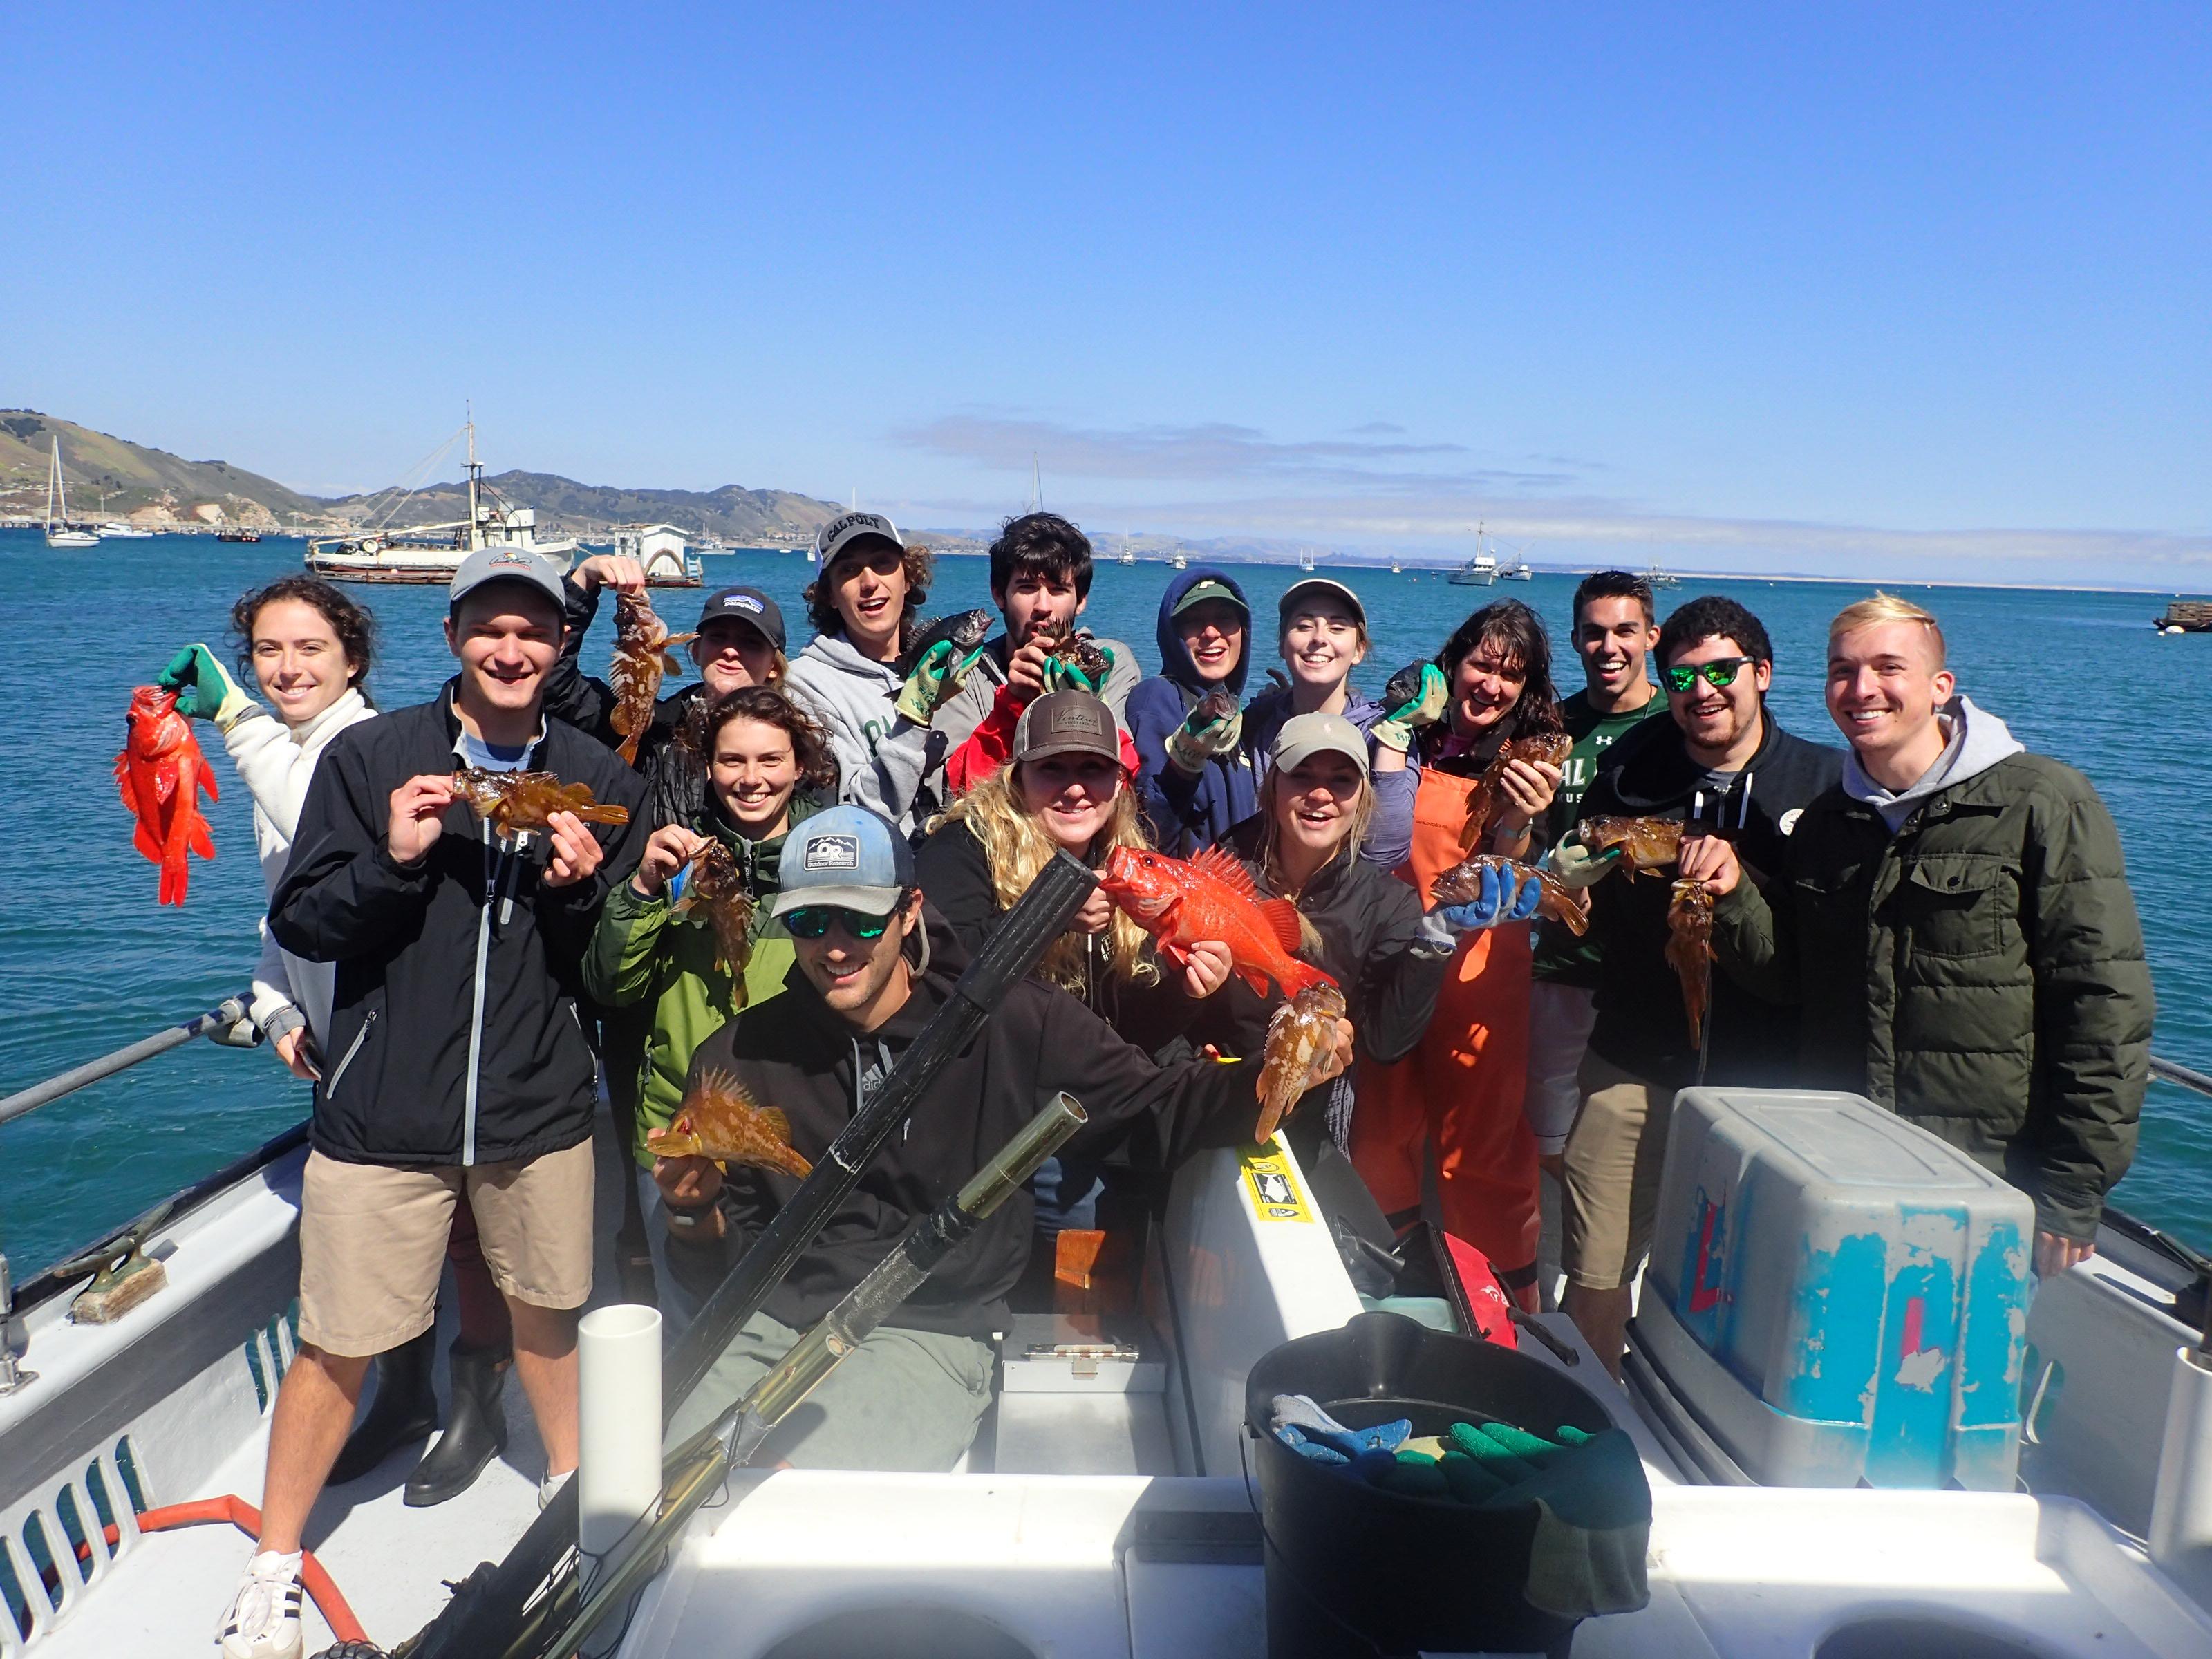 Class photo after MPA monitoring trip. Photo credit: Jennifer O'Leary